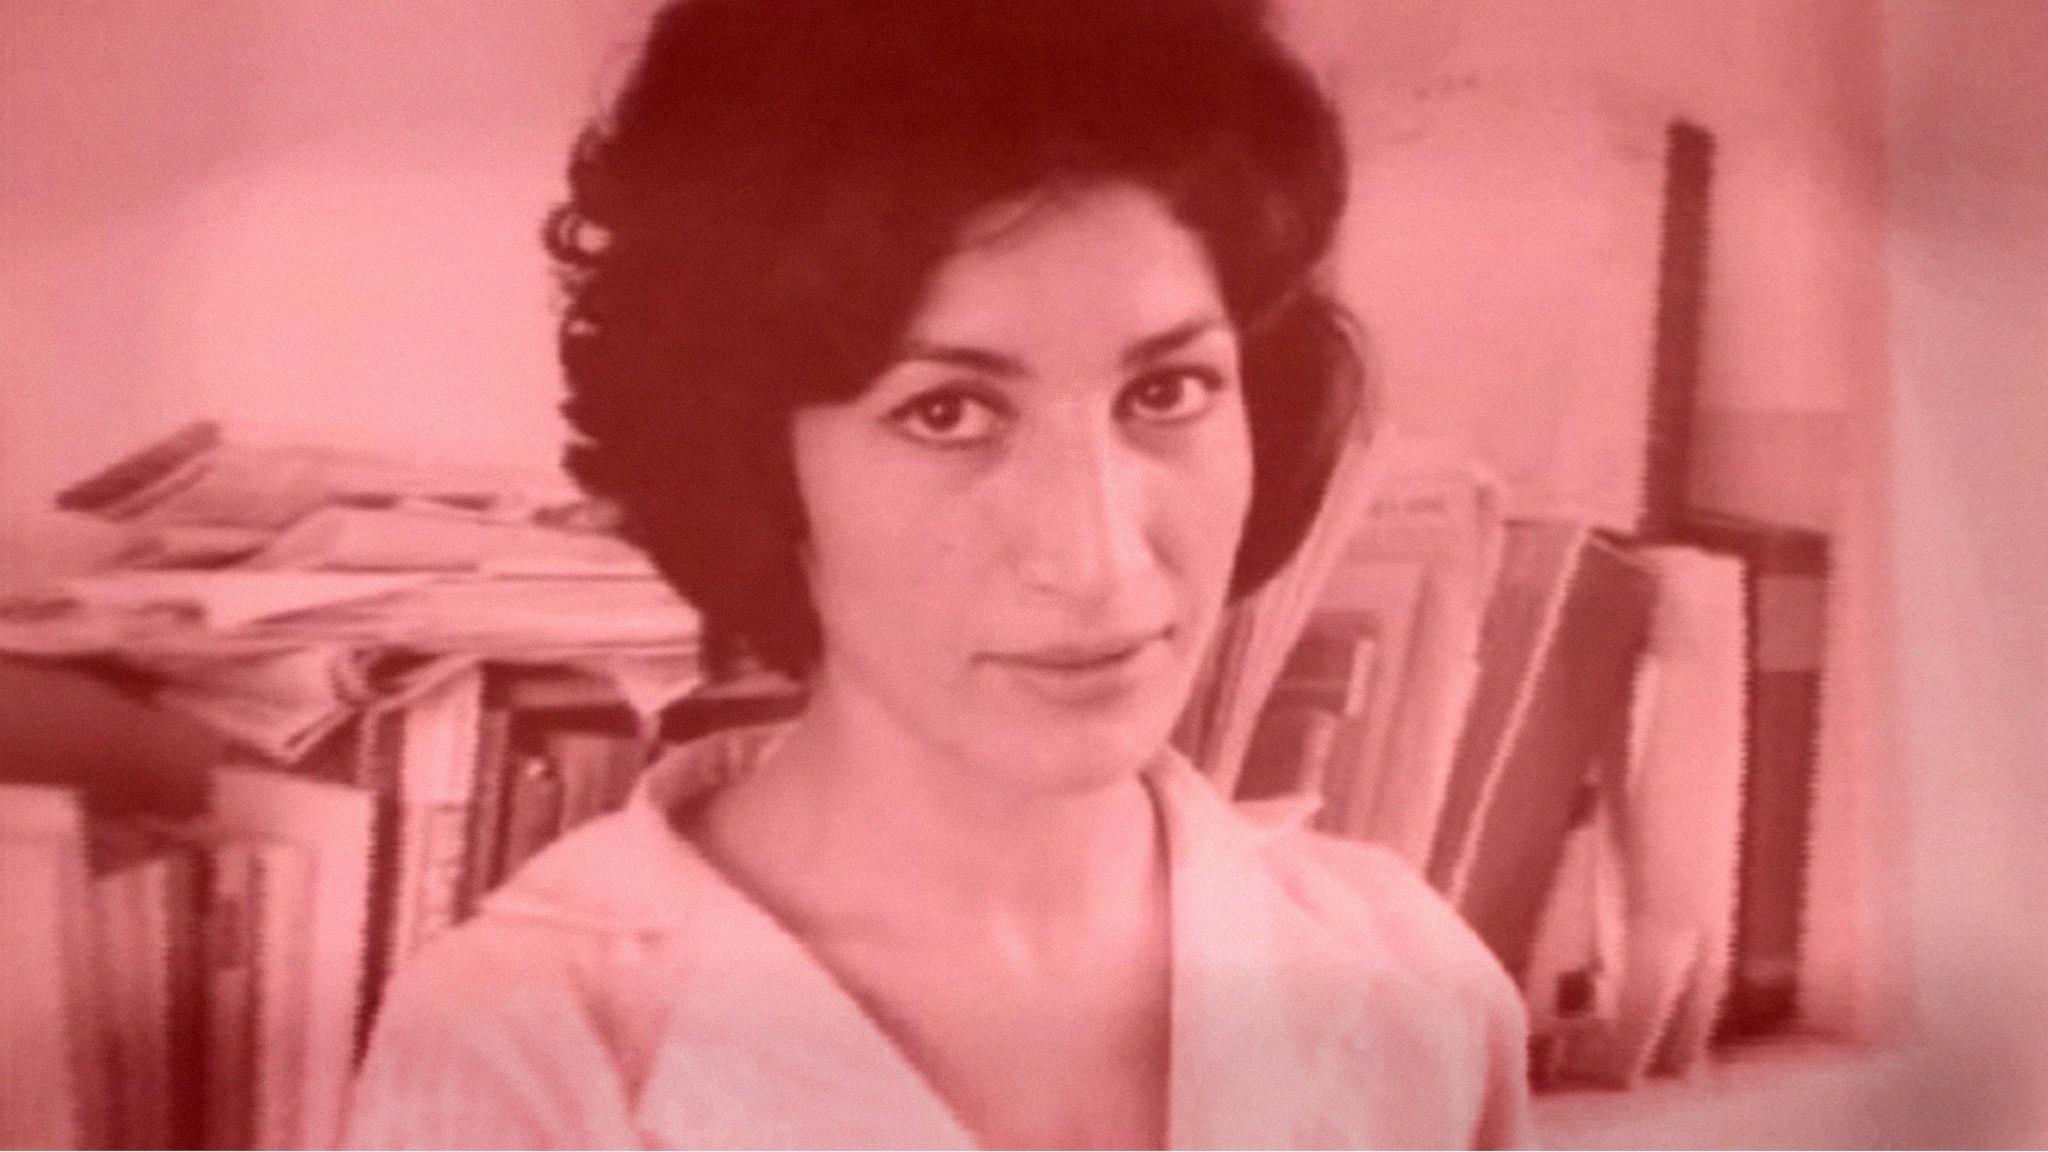 Bara i poesin fann Forough Farrokhzad verklig frihet